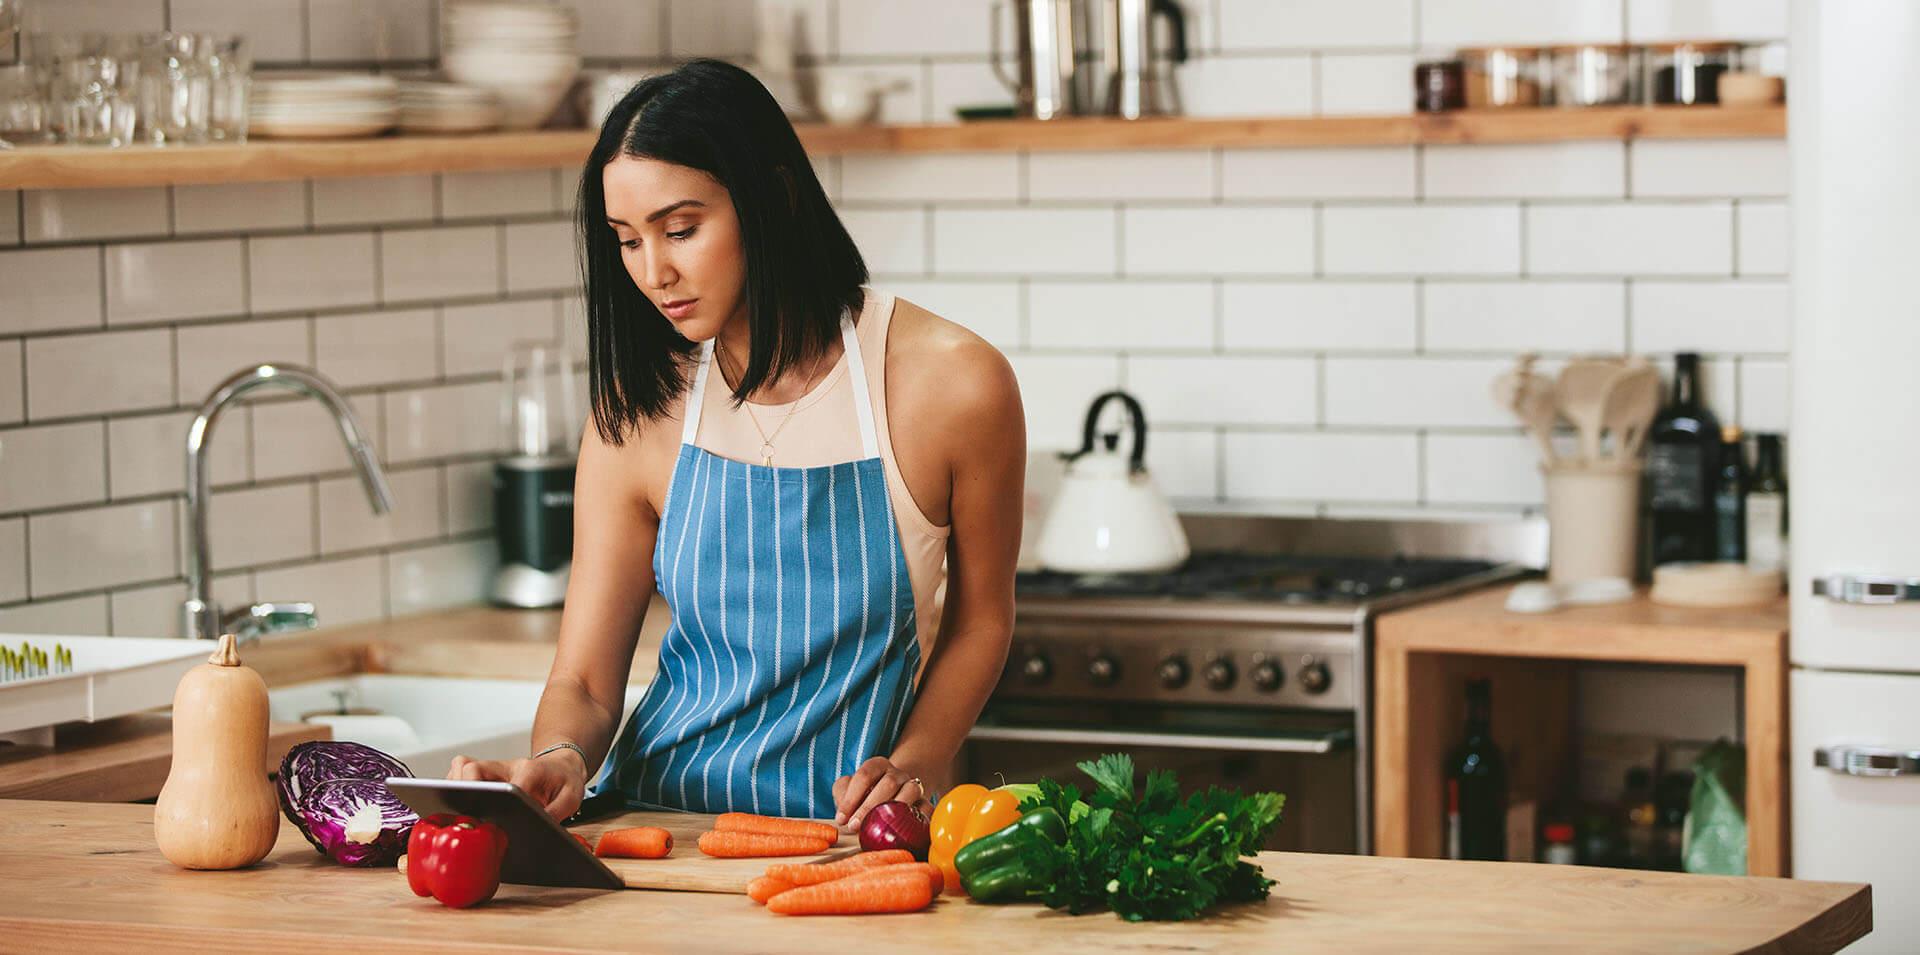 Frau macht in der Küche ein Gericht aus Gemüse zum schnellen Abnehmen